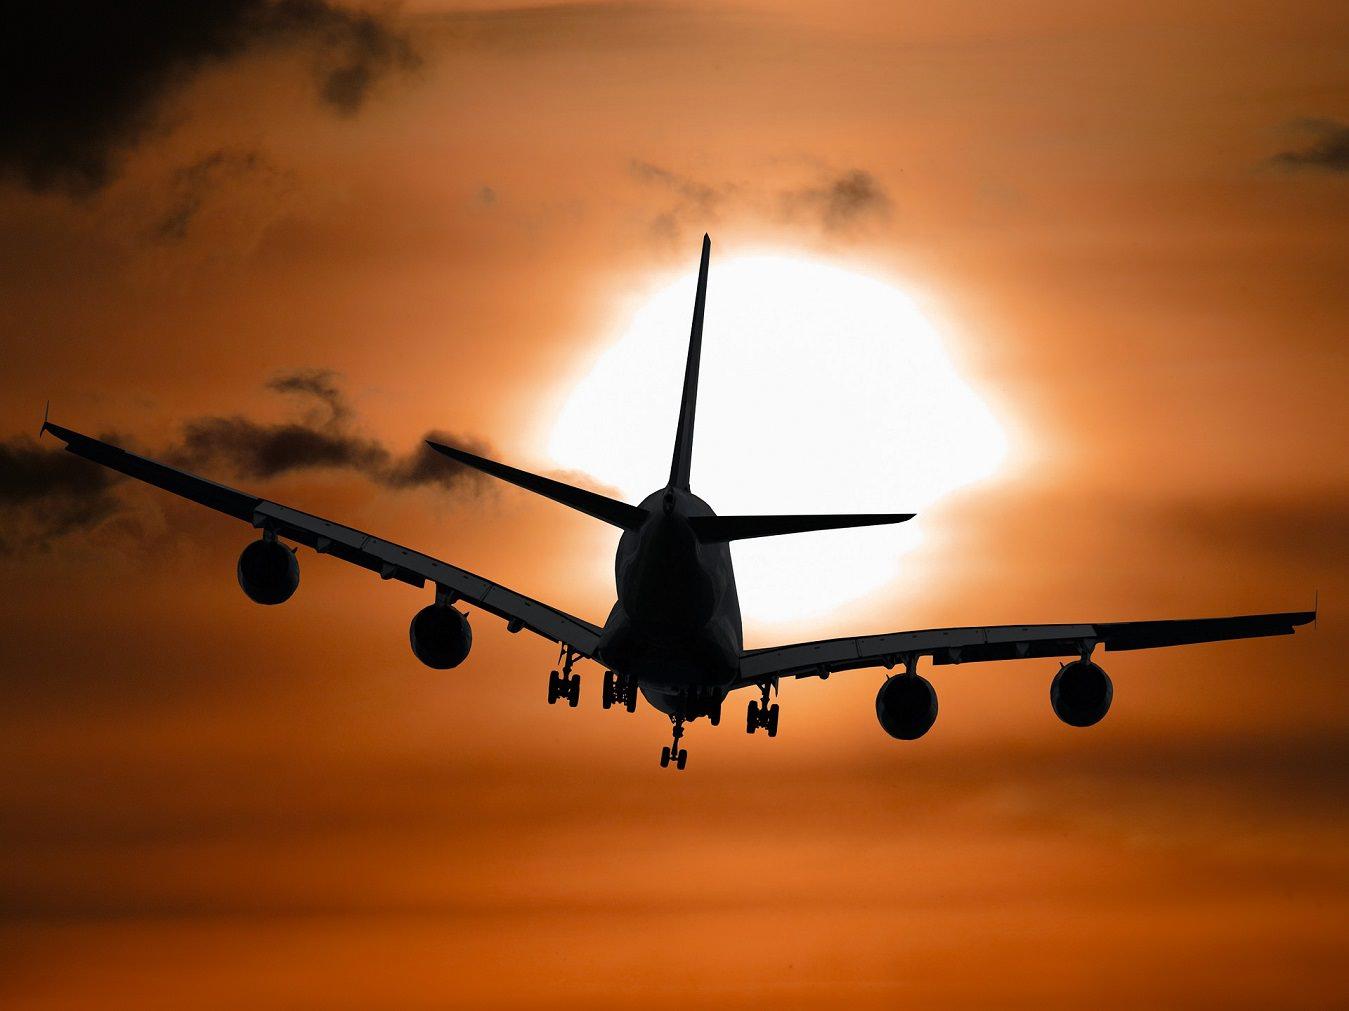 Las 5 razones m s comunes que causan accidentes de avi n - Que peut on emmener en avion ...